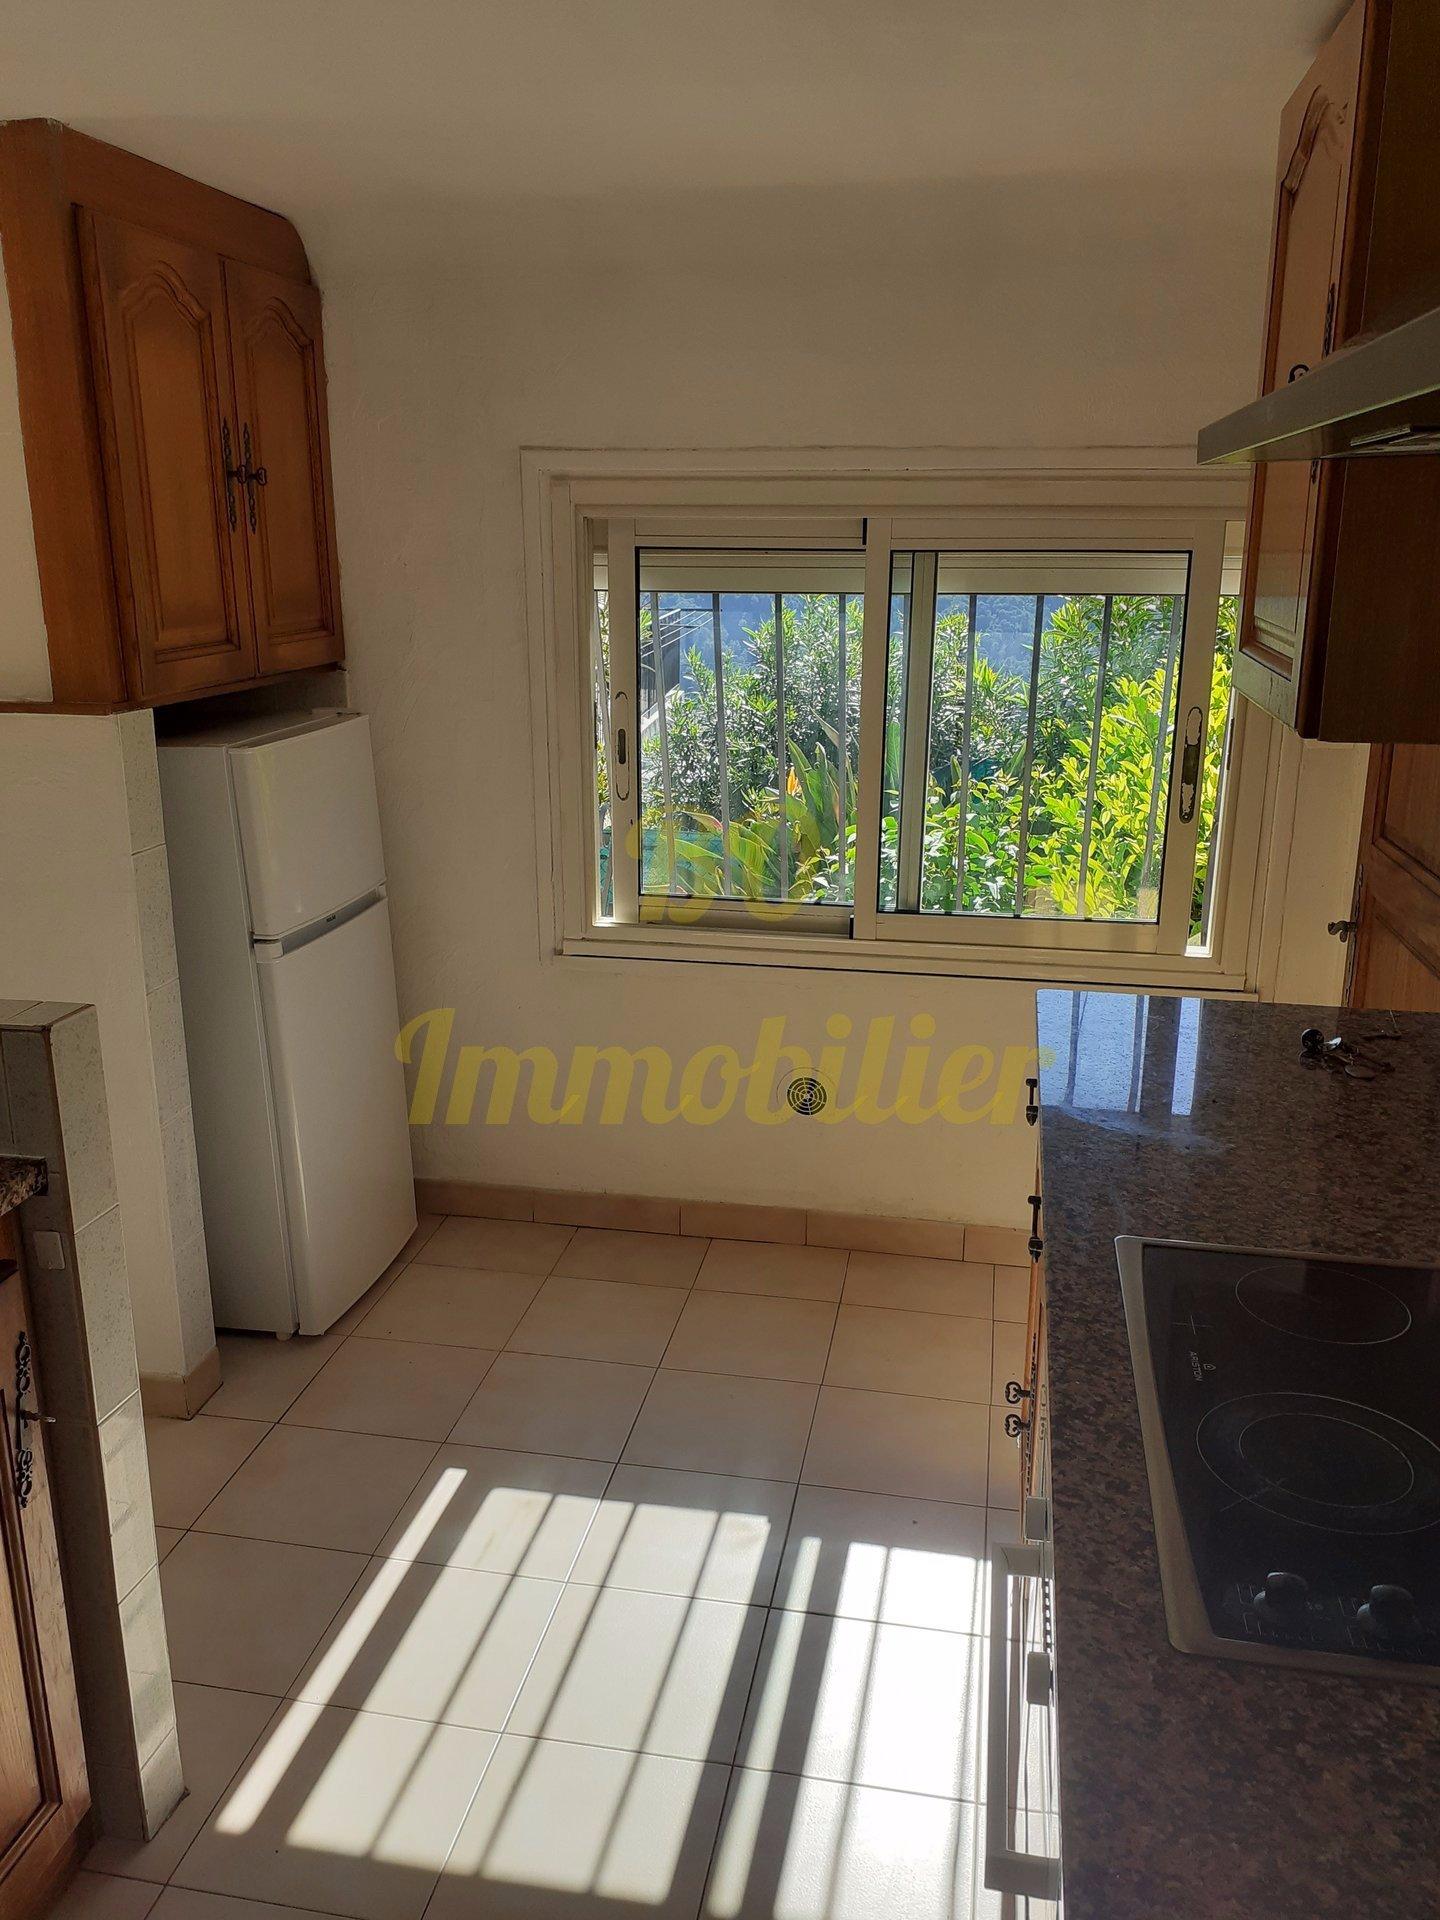 Appartement  3p de 43 m² avec jardin de 70 m²